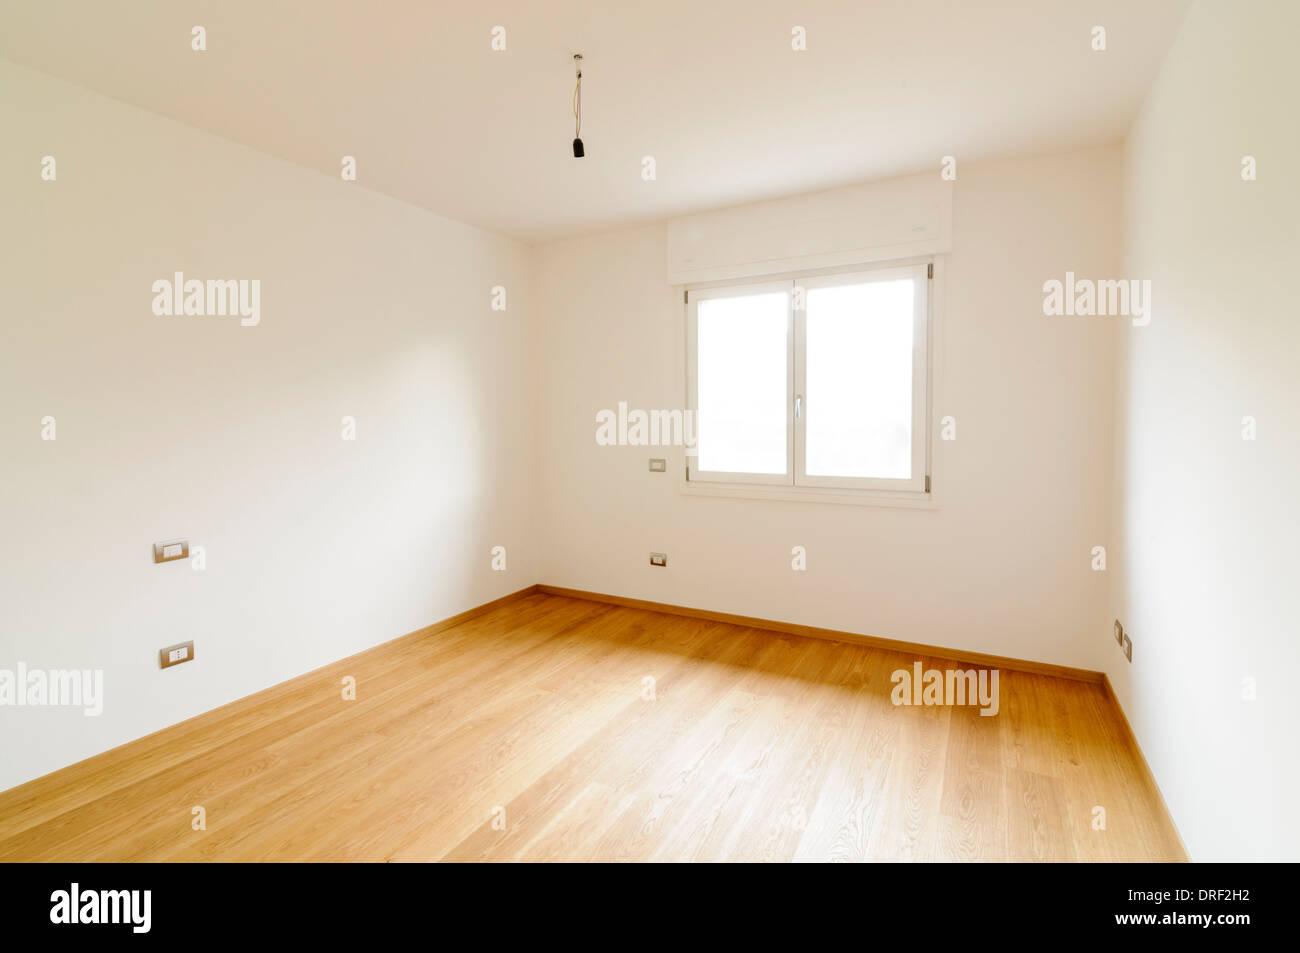 Leere Zimmer Mit Weißen Wänden, Fenster Und Parkett